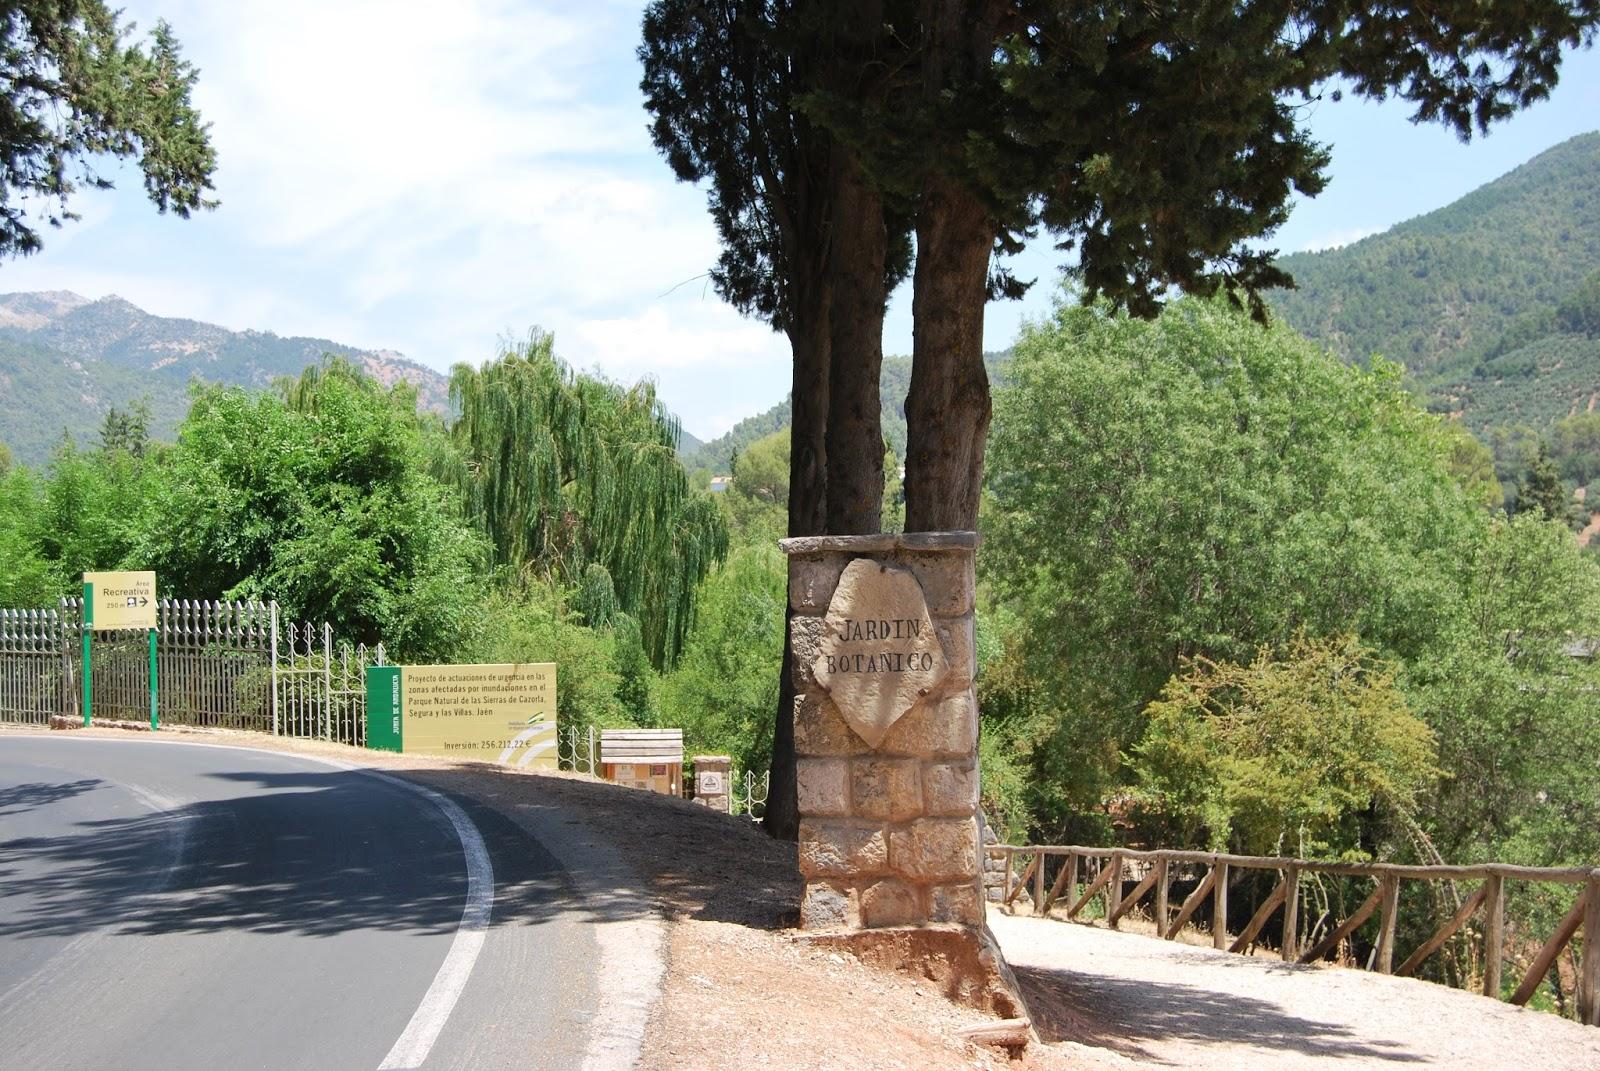 Plantar cientos de arboles cazorla jardin botanico torre for Arboles del jardin botanico